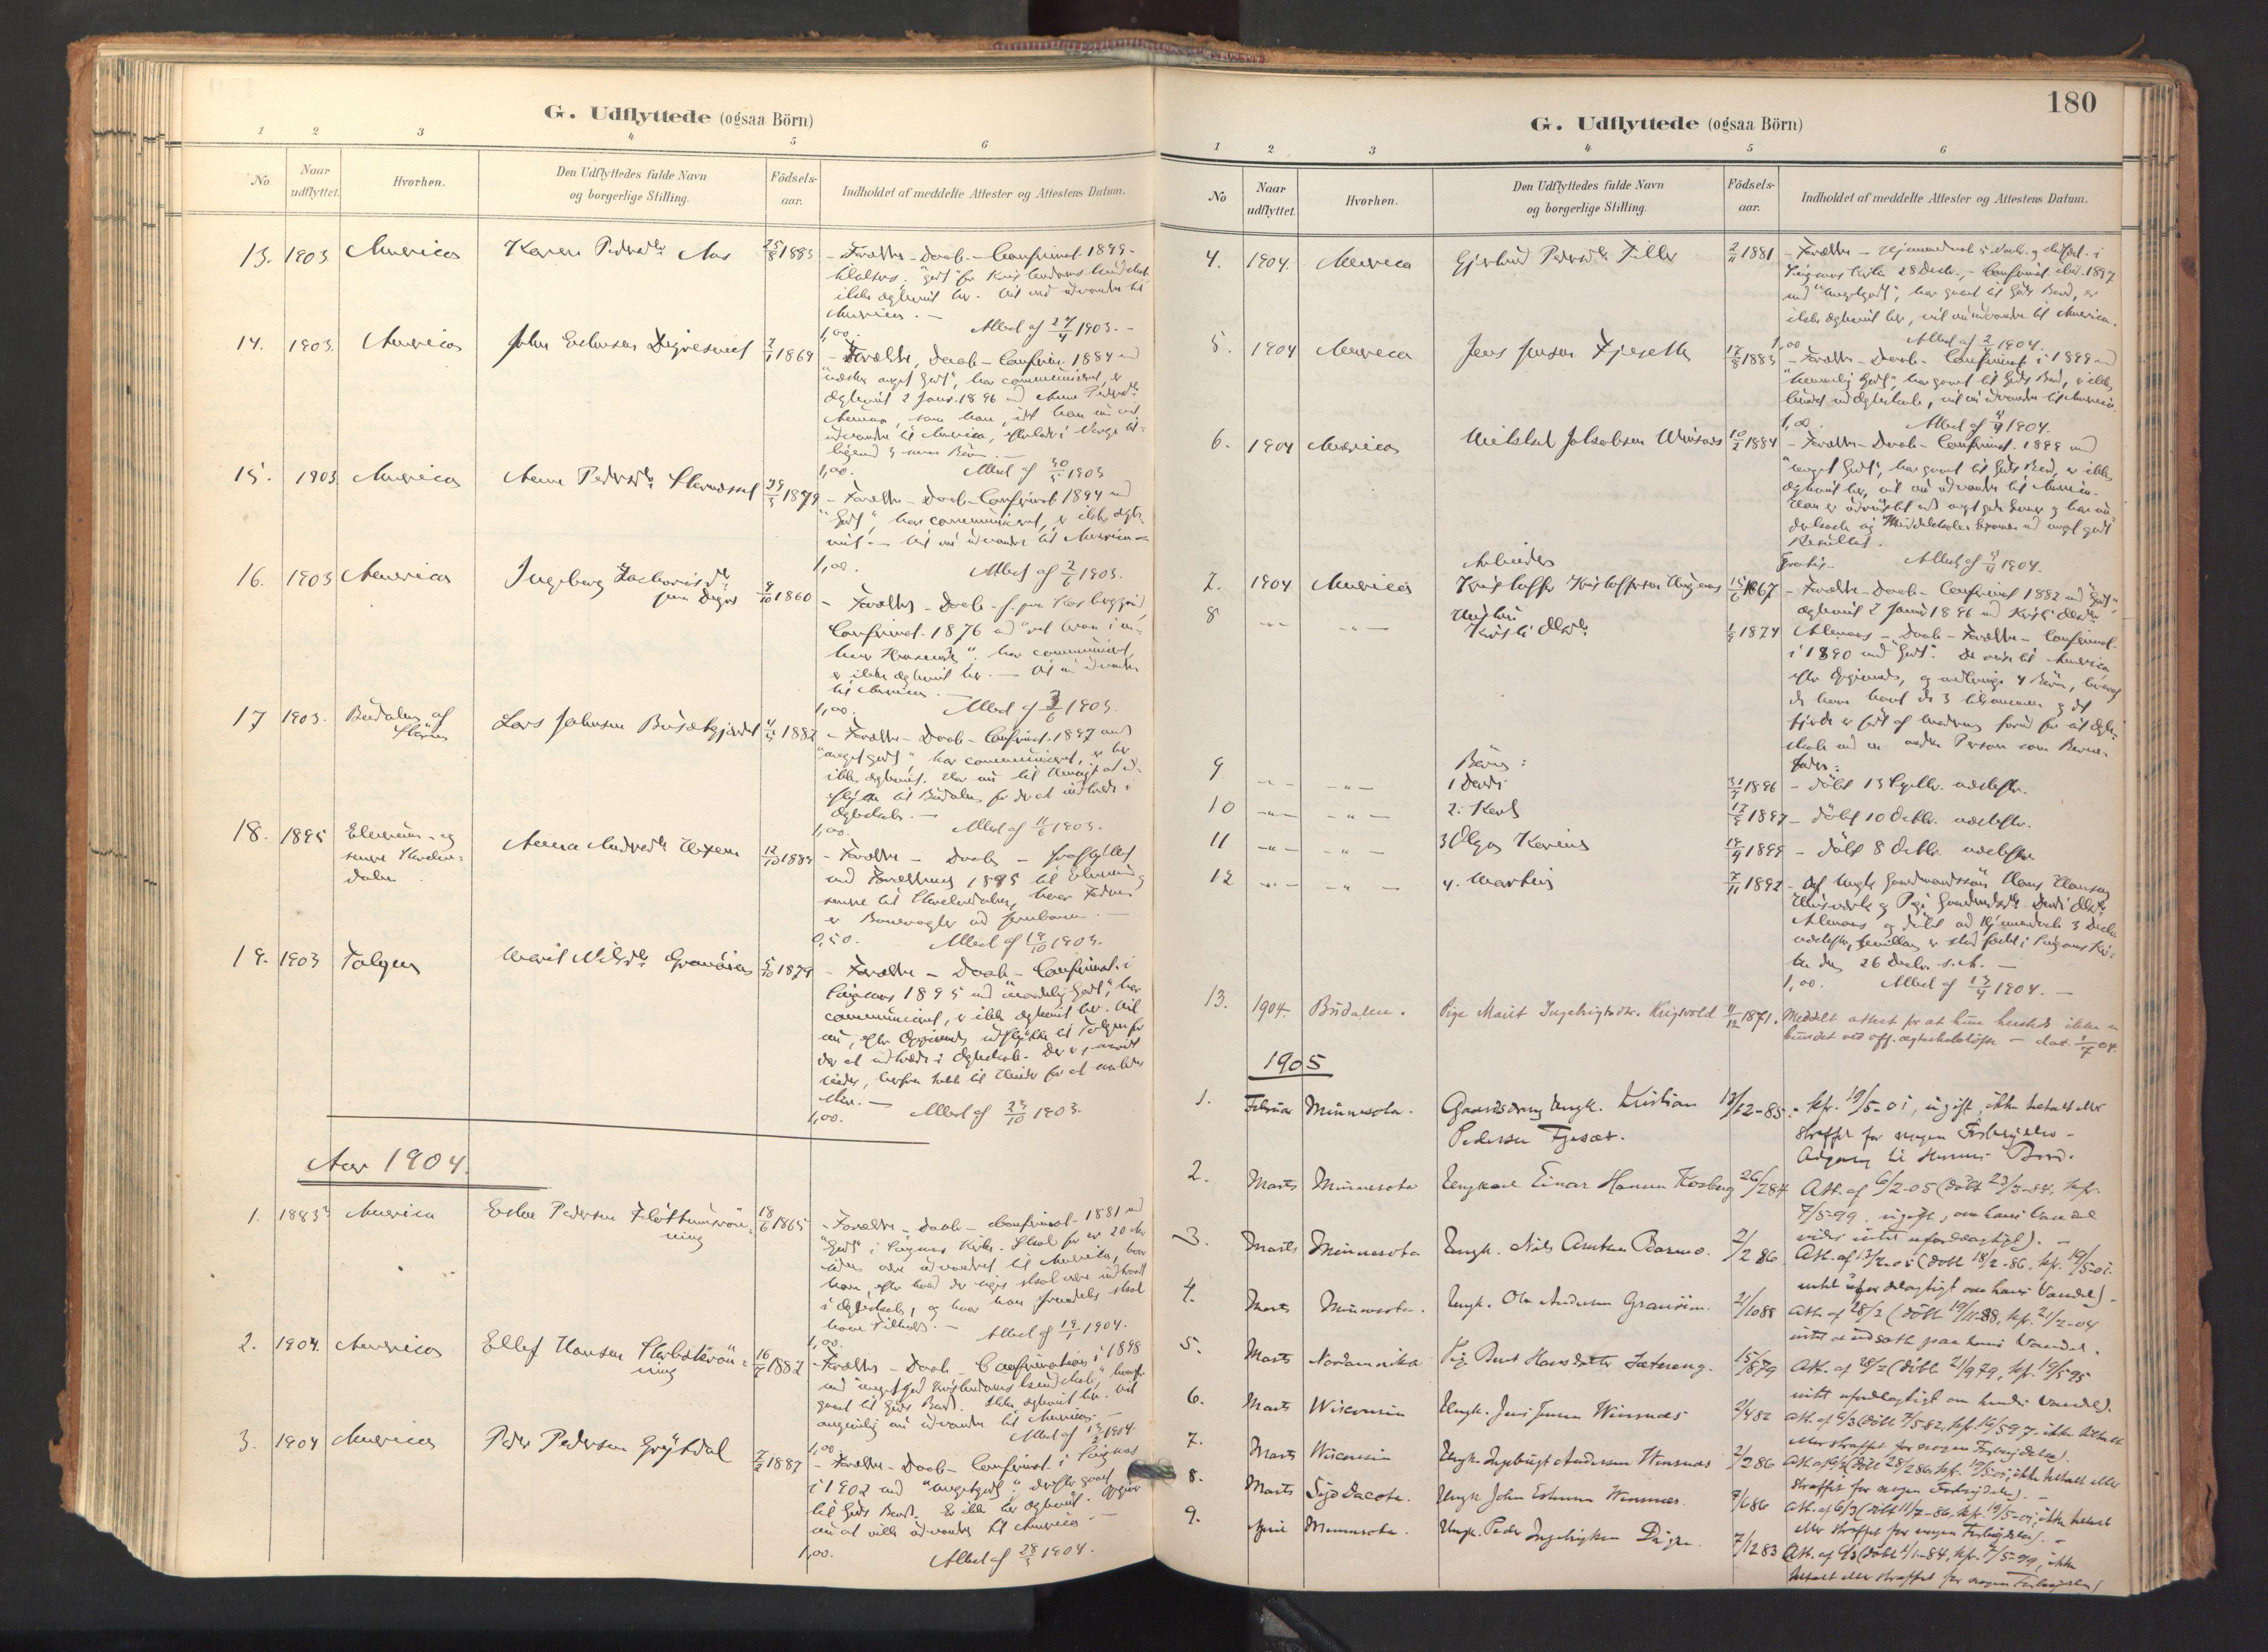 SAT, Ministerialprotokoller, klokkerbøker og fødselsregistre - Sør-Trøndelag, 688/L1025: Ministerialbok nr. 688A02, 1891-1909, s. 180